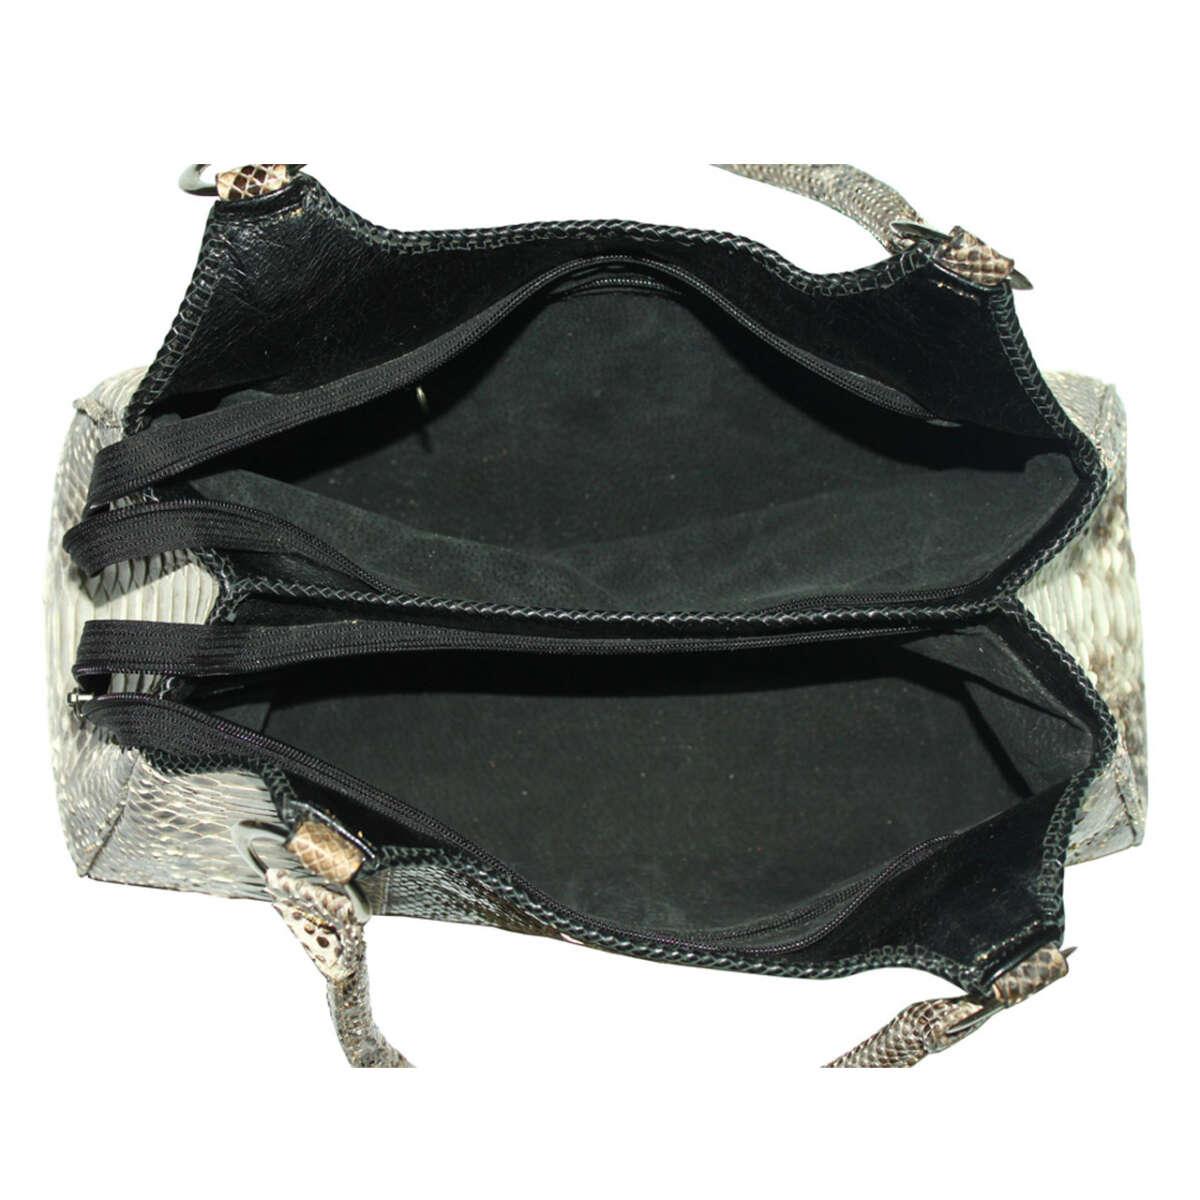 Túi xách nữ da trăn T005